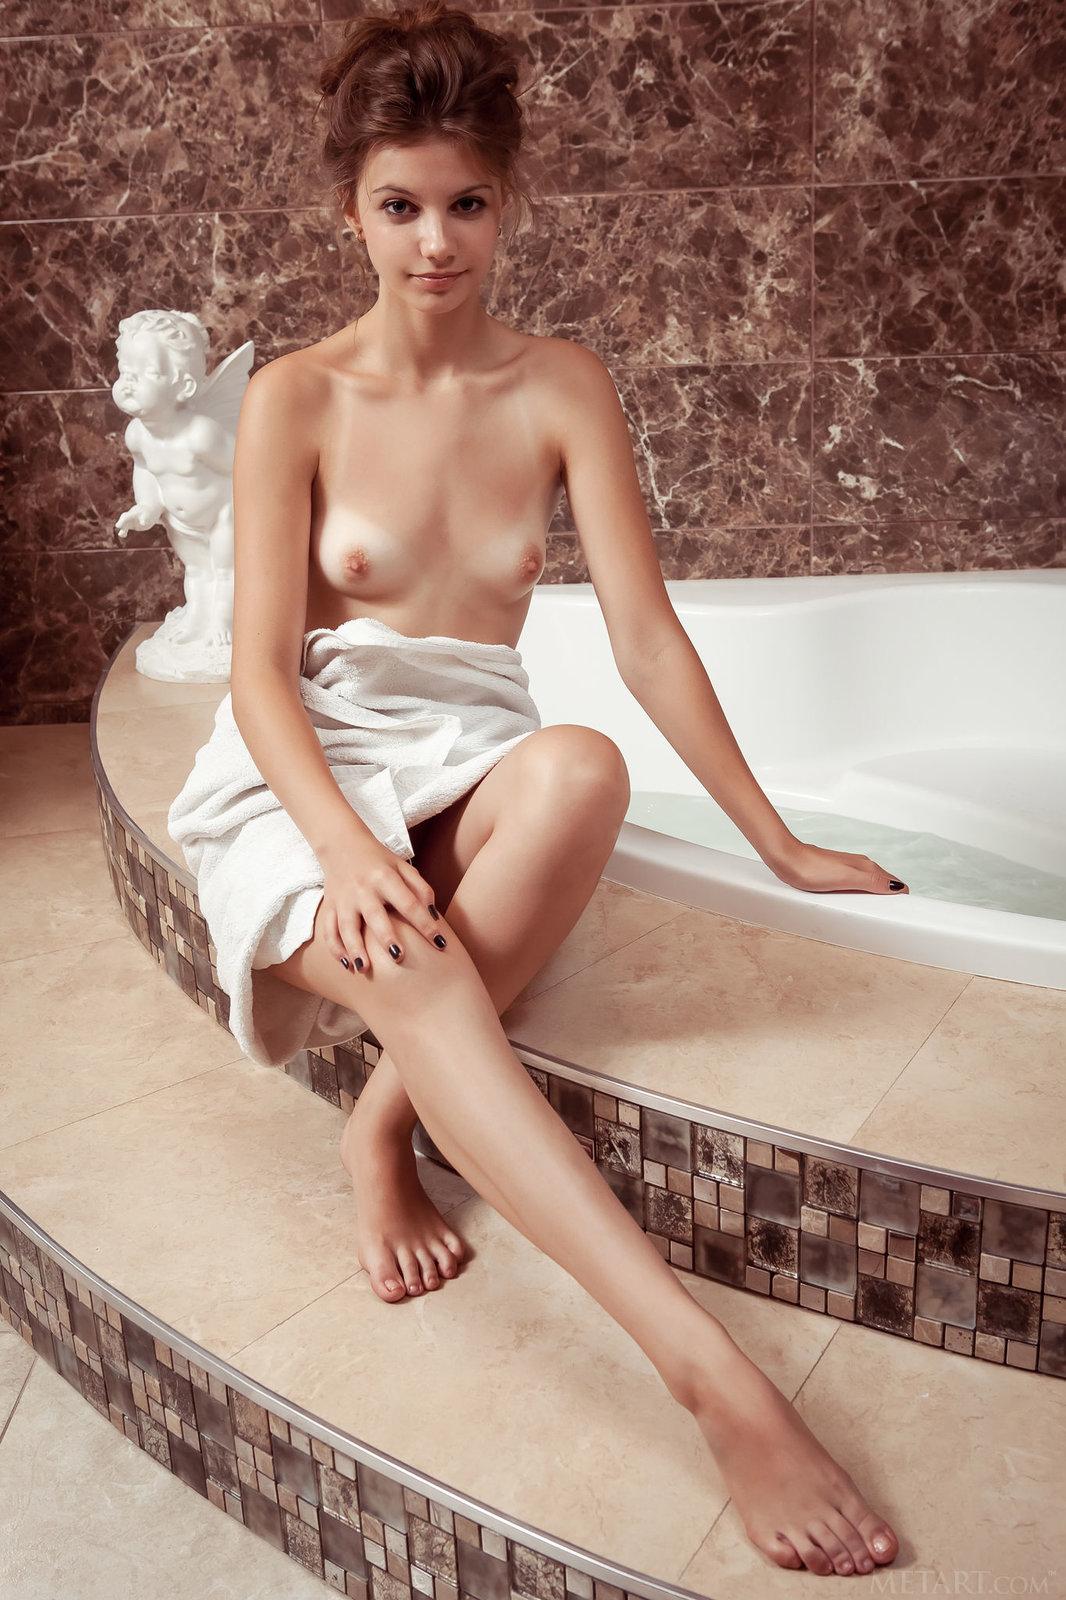 Zdjęcie porno - 022 - Kusząca niunia w łazience